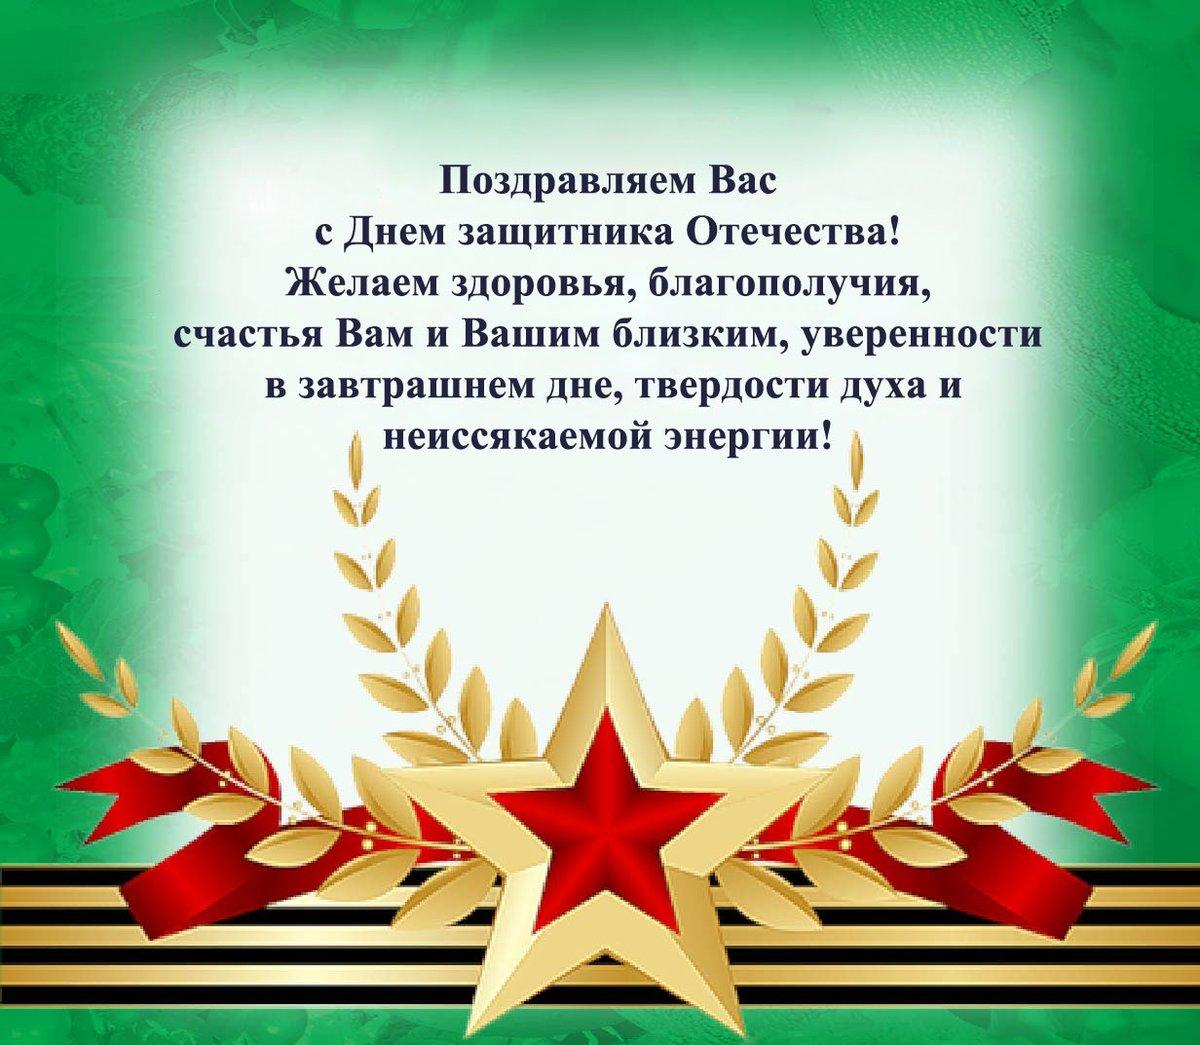 Поздравление начальнику службы безопасности с 23 февраля